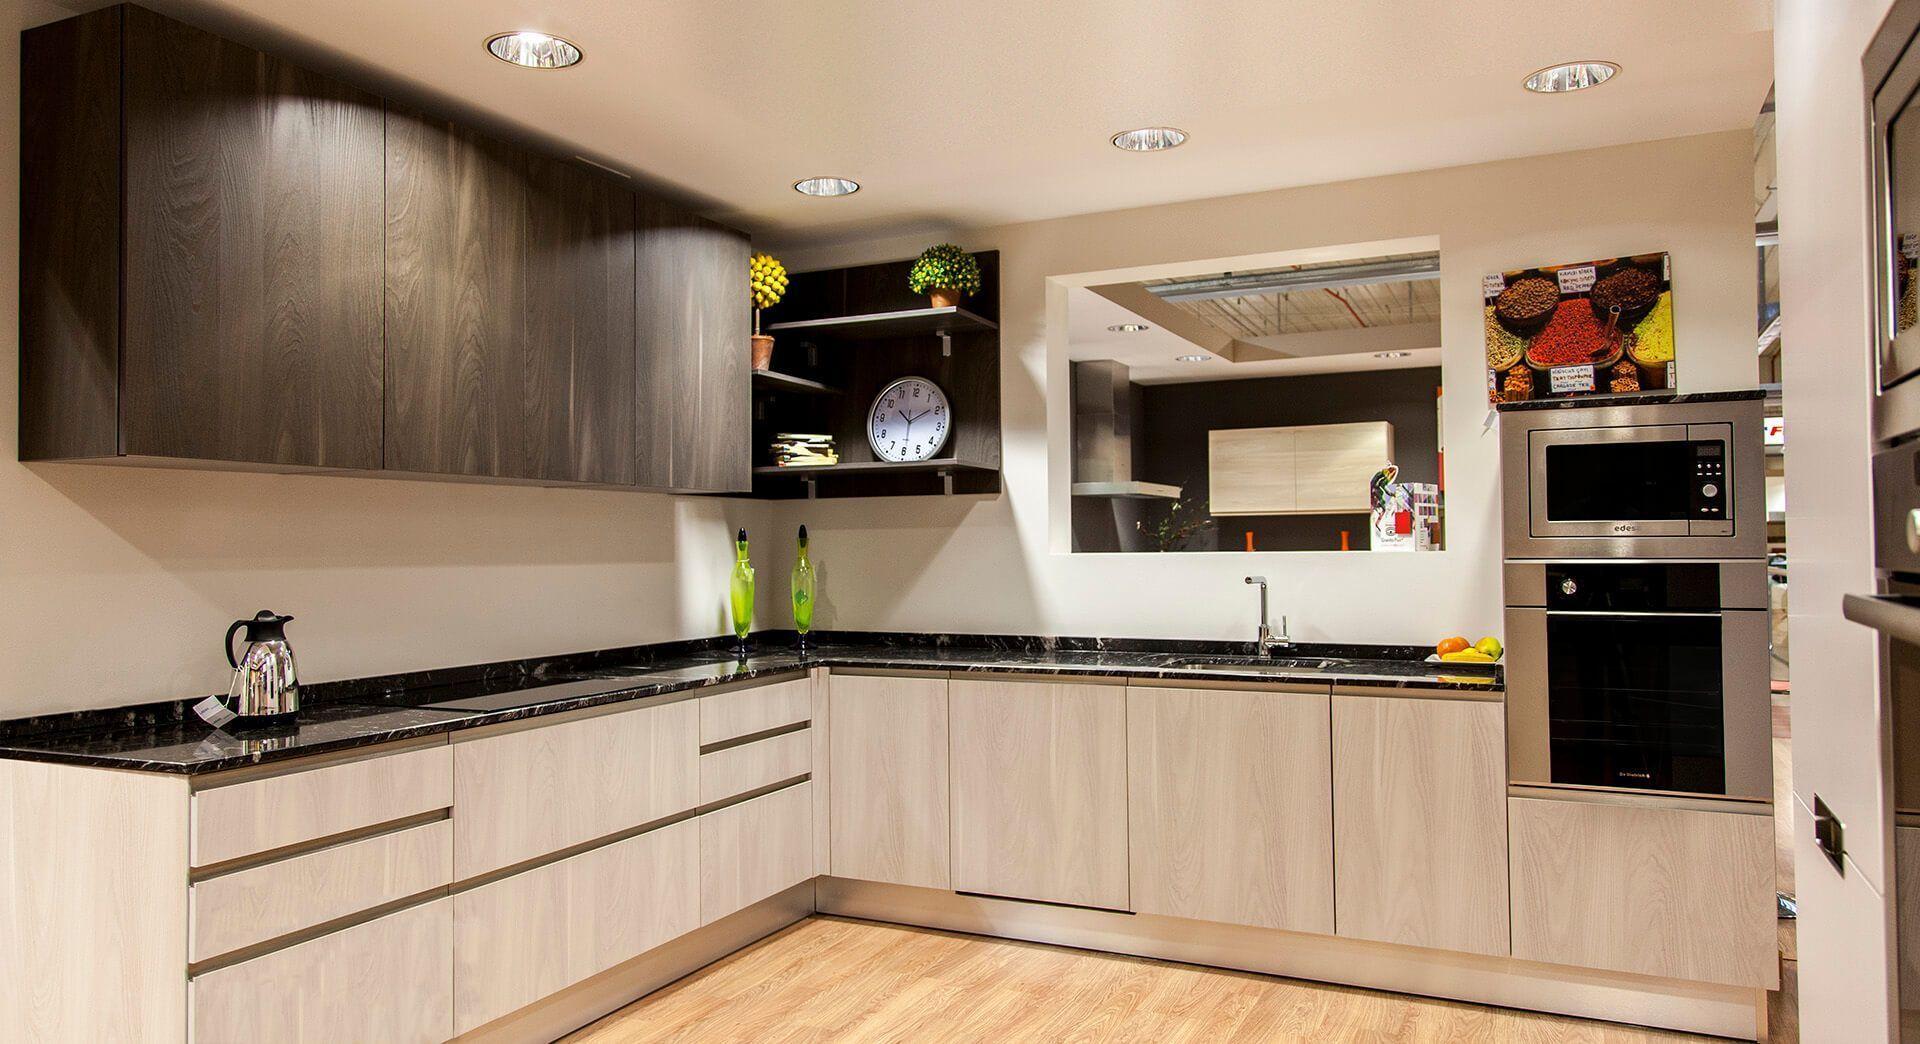 Fabricantes de muebles de cocina madrid catalogo muebles - Catalogos de muebles de cocina ...